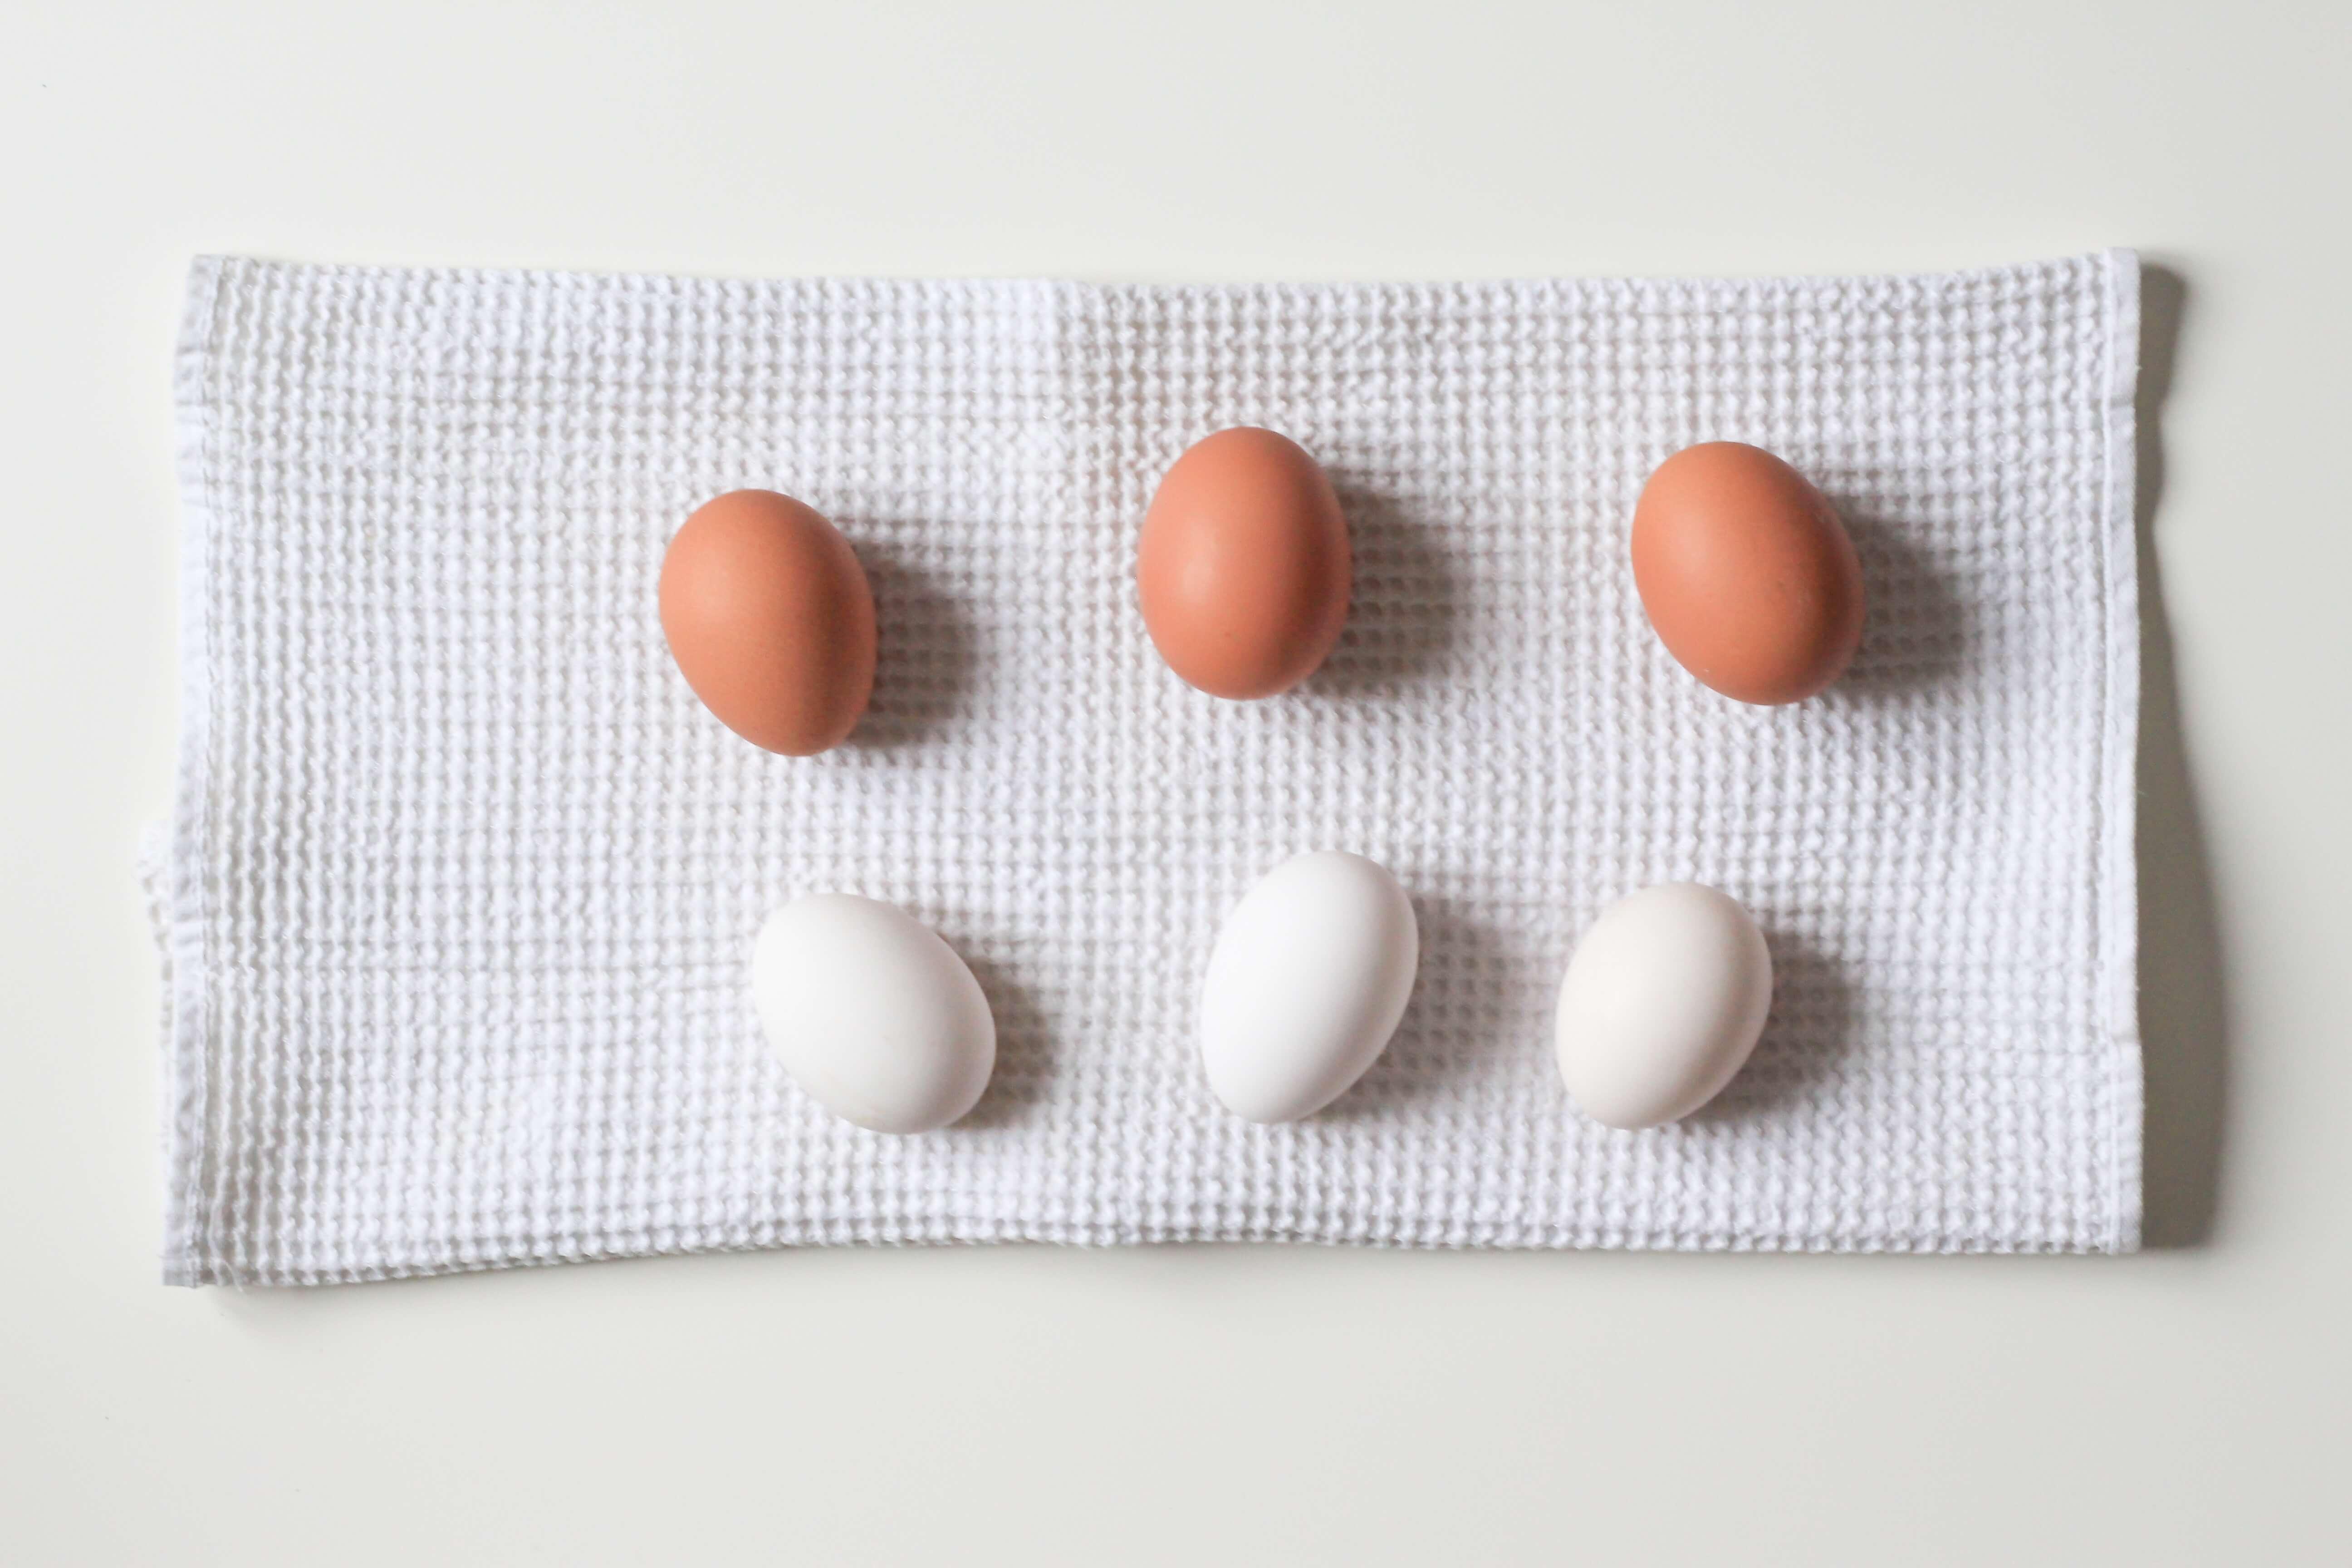 意外と知らない料理英語 ~第五弾: 「卵をお箸でかき混ぜてください!」~